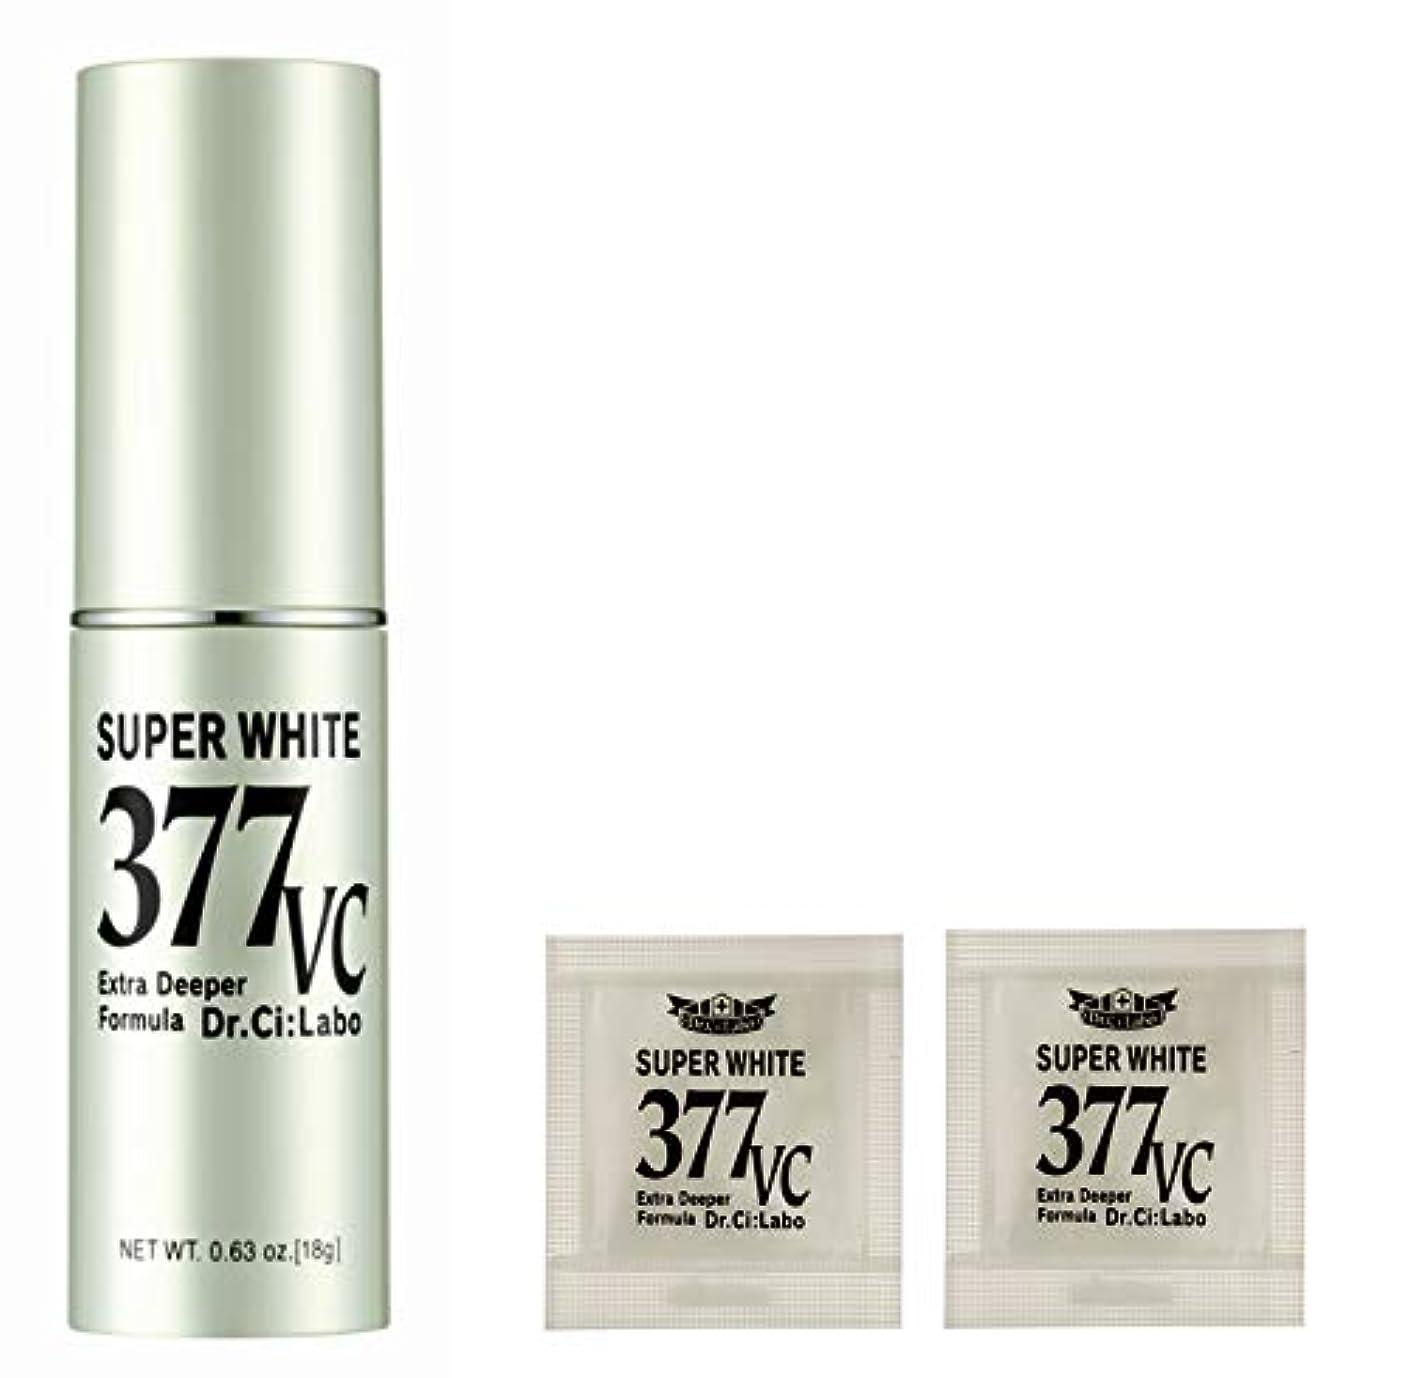 単なる章儀式【Amazon.co.jp限定】 ドクターシーラボ スーパーホワイト377VC+サンプルパウチ 美容液 セット 18g+サンプル1回分付き